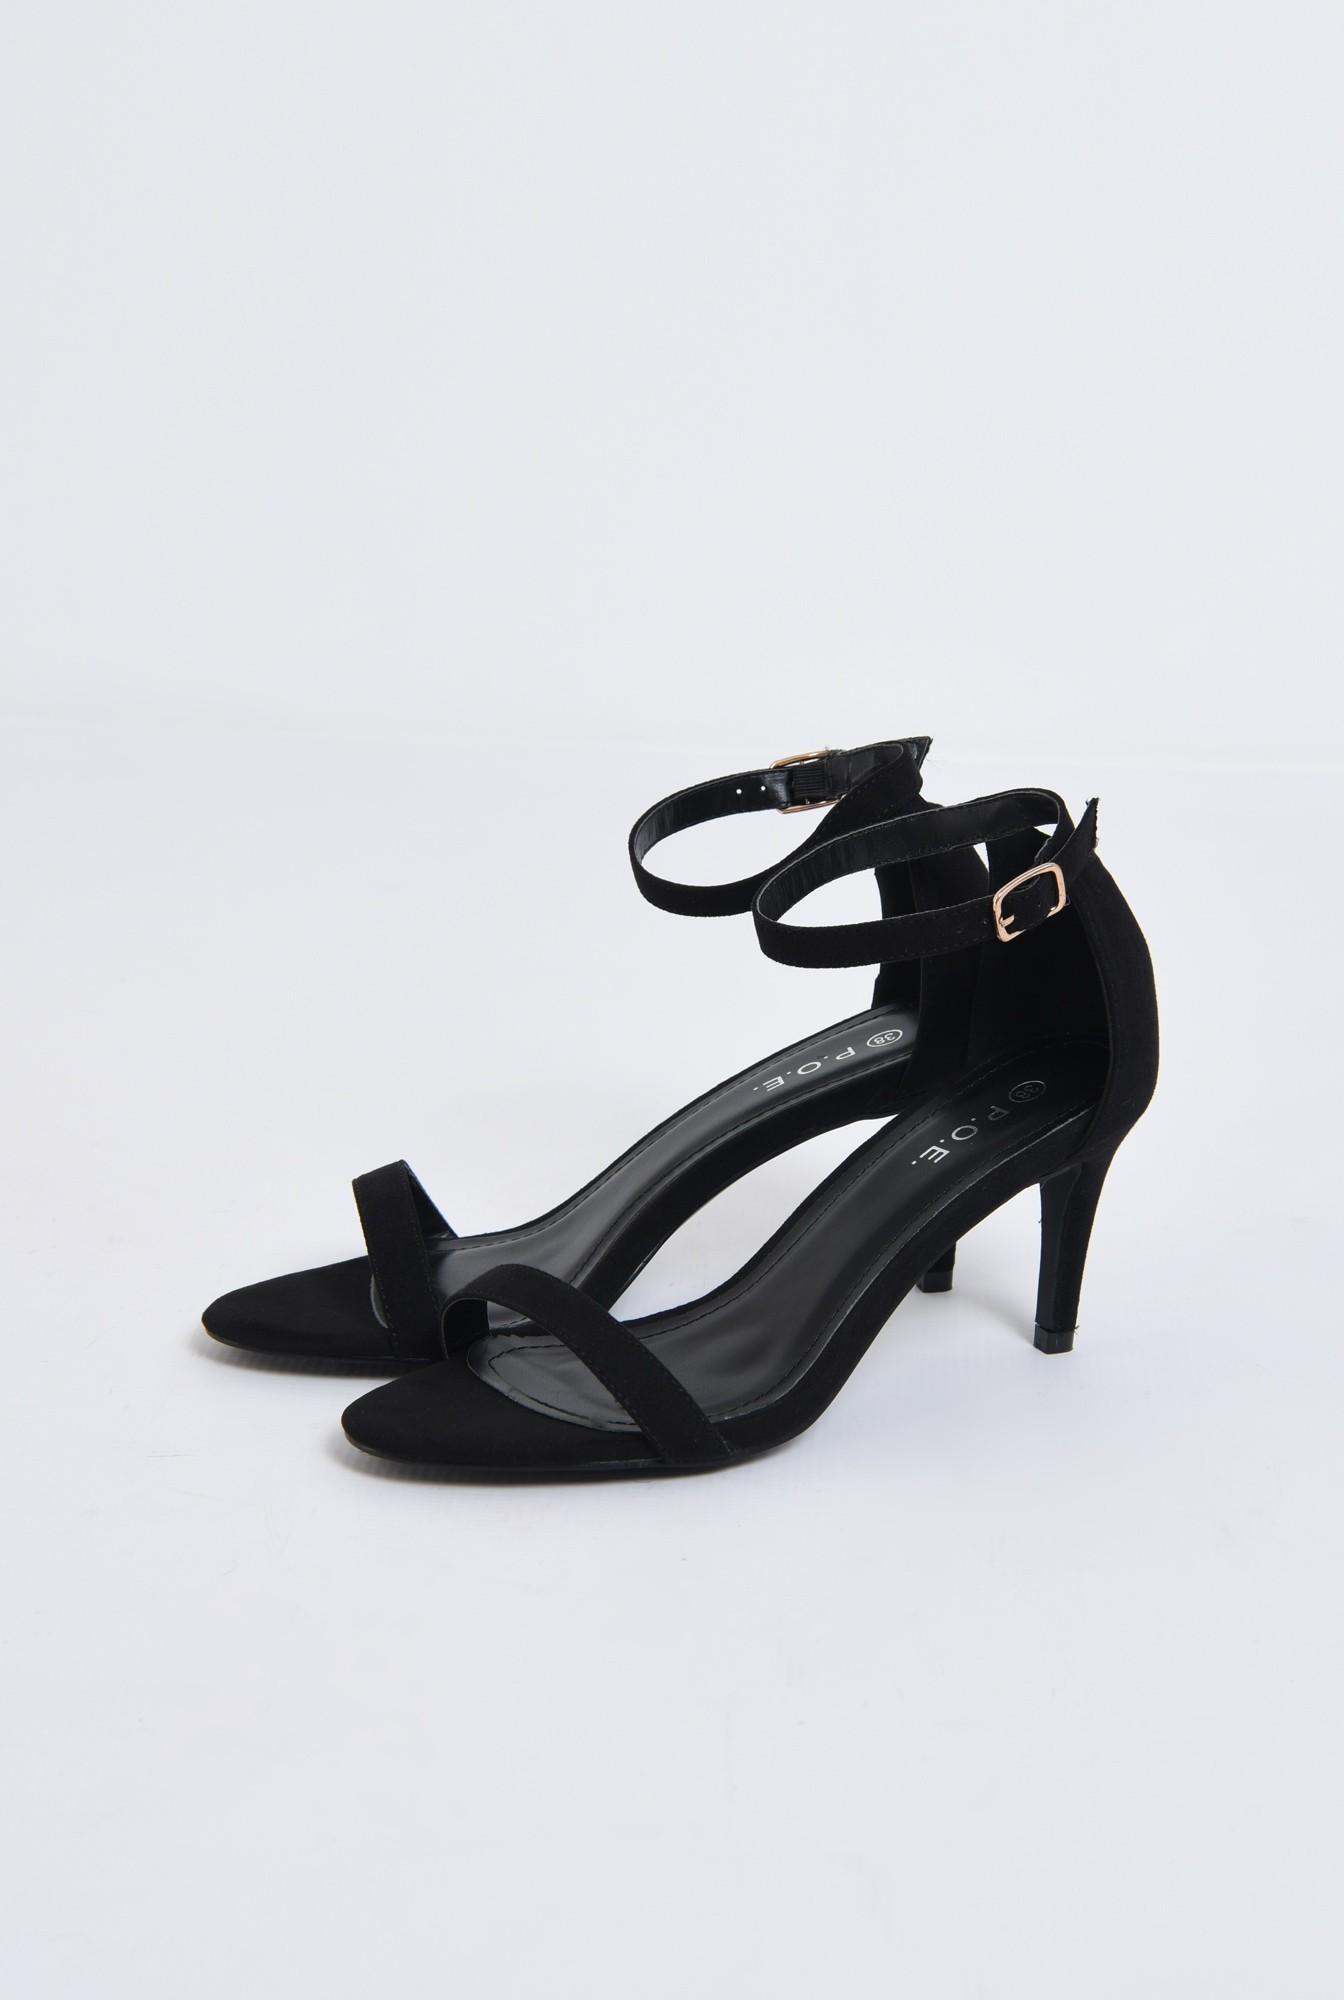 sandale elegante, din catifea, cu toc stiletto